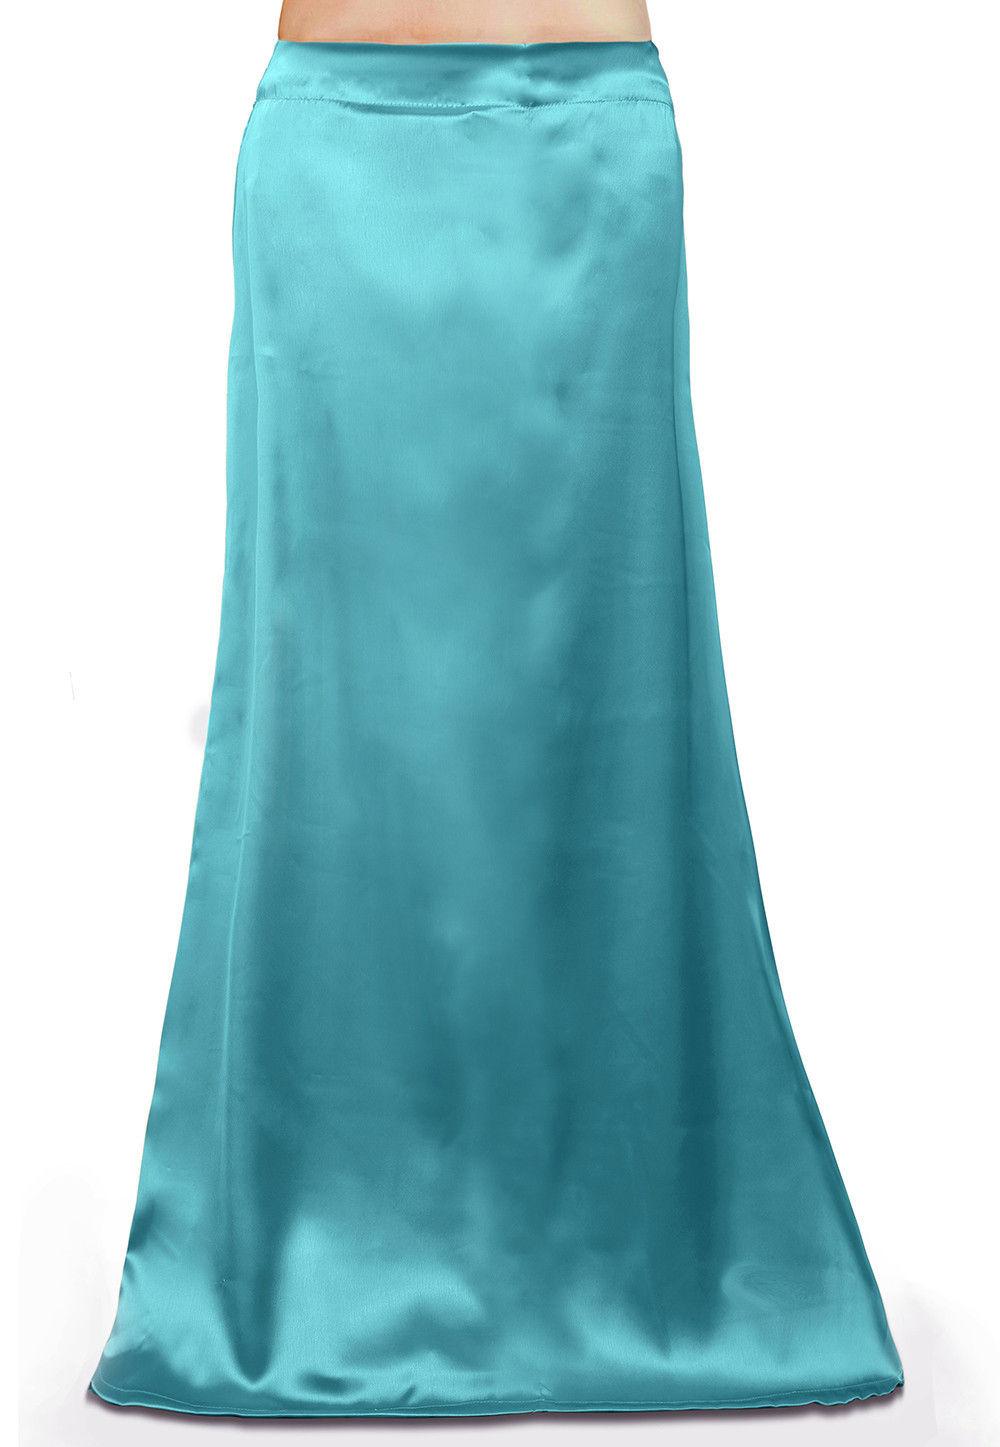 Satin Petticoat in Turquoise